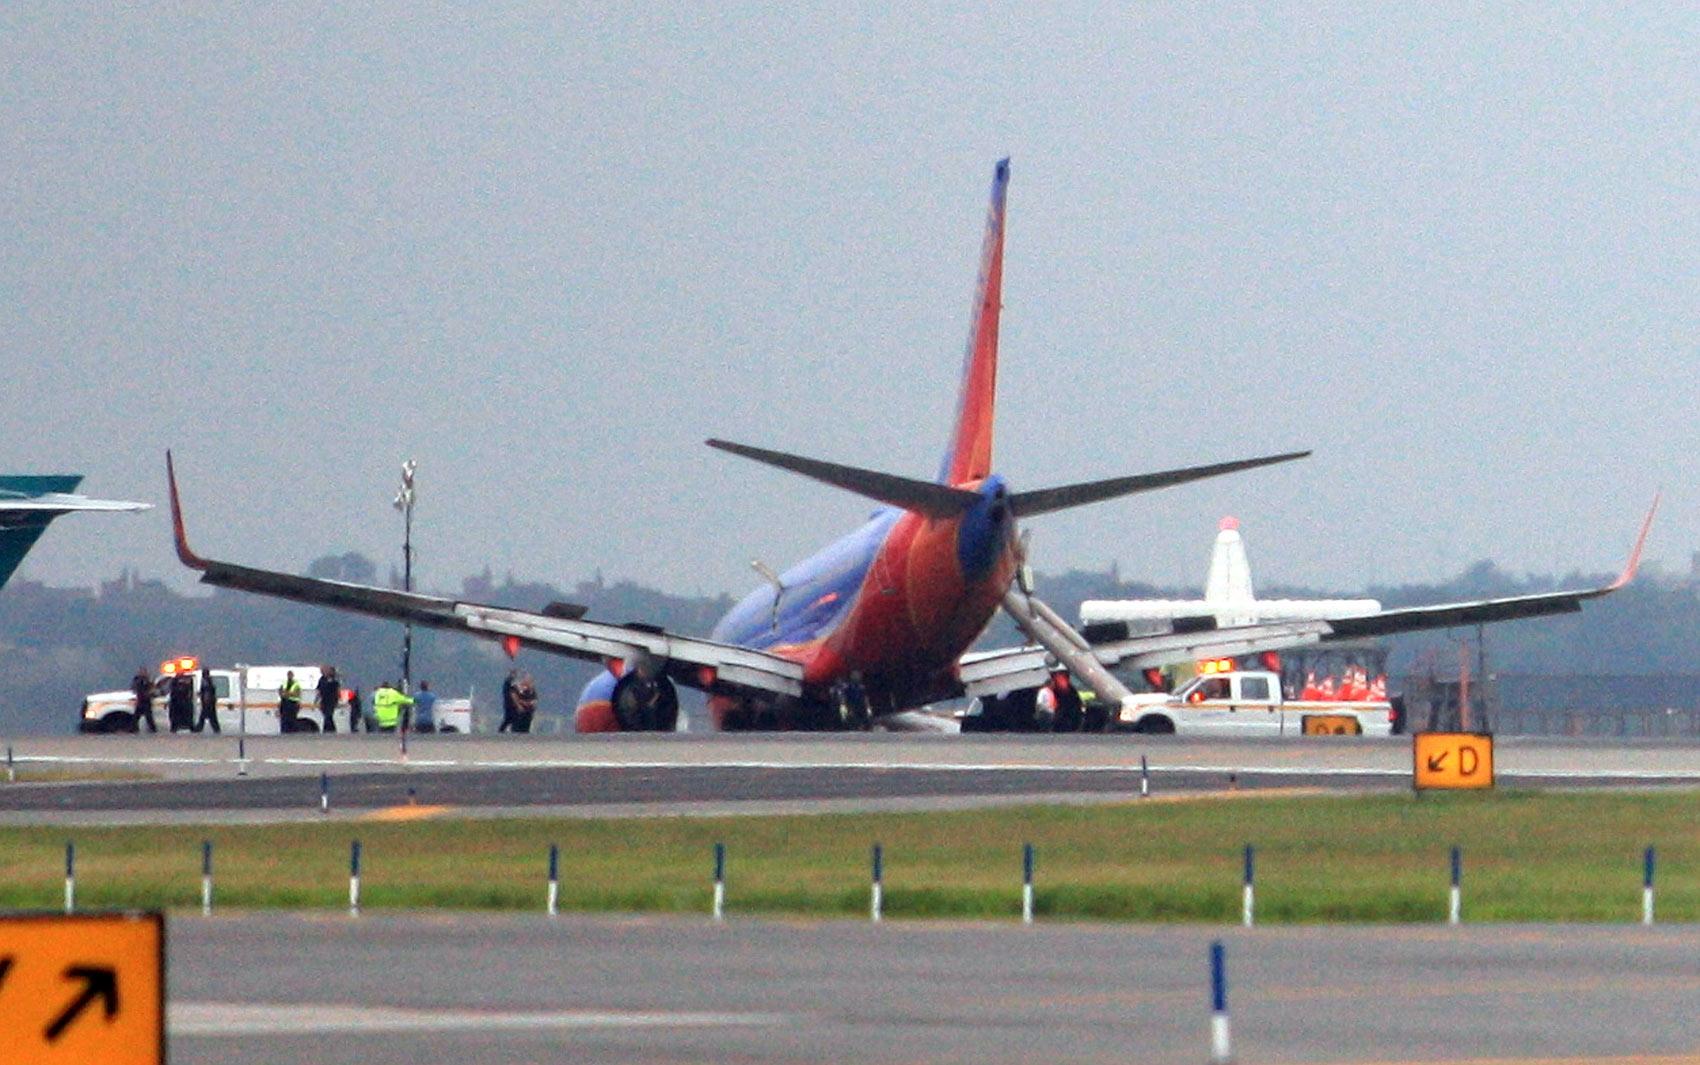 Aterrissagem de aeronave sem trem de pouso deixa feridos em LaGuardia.